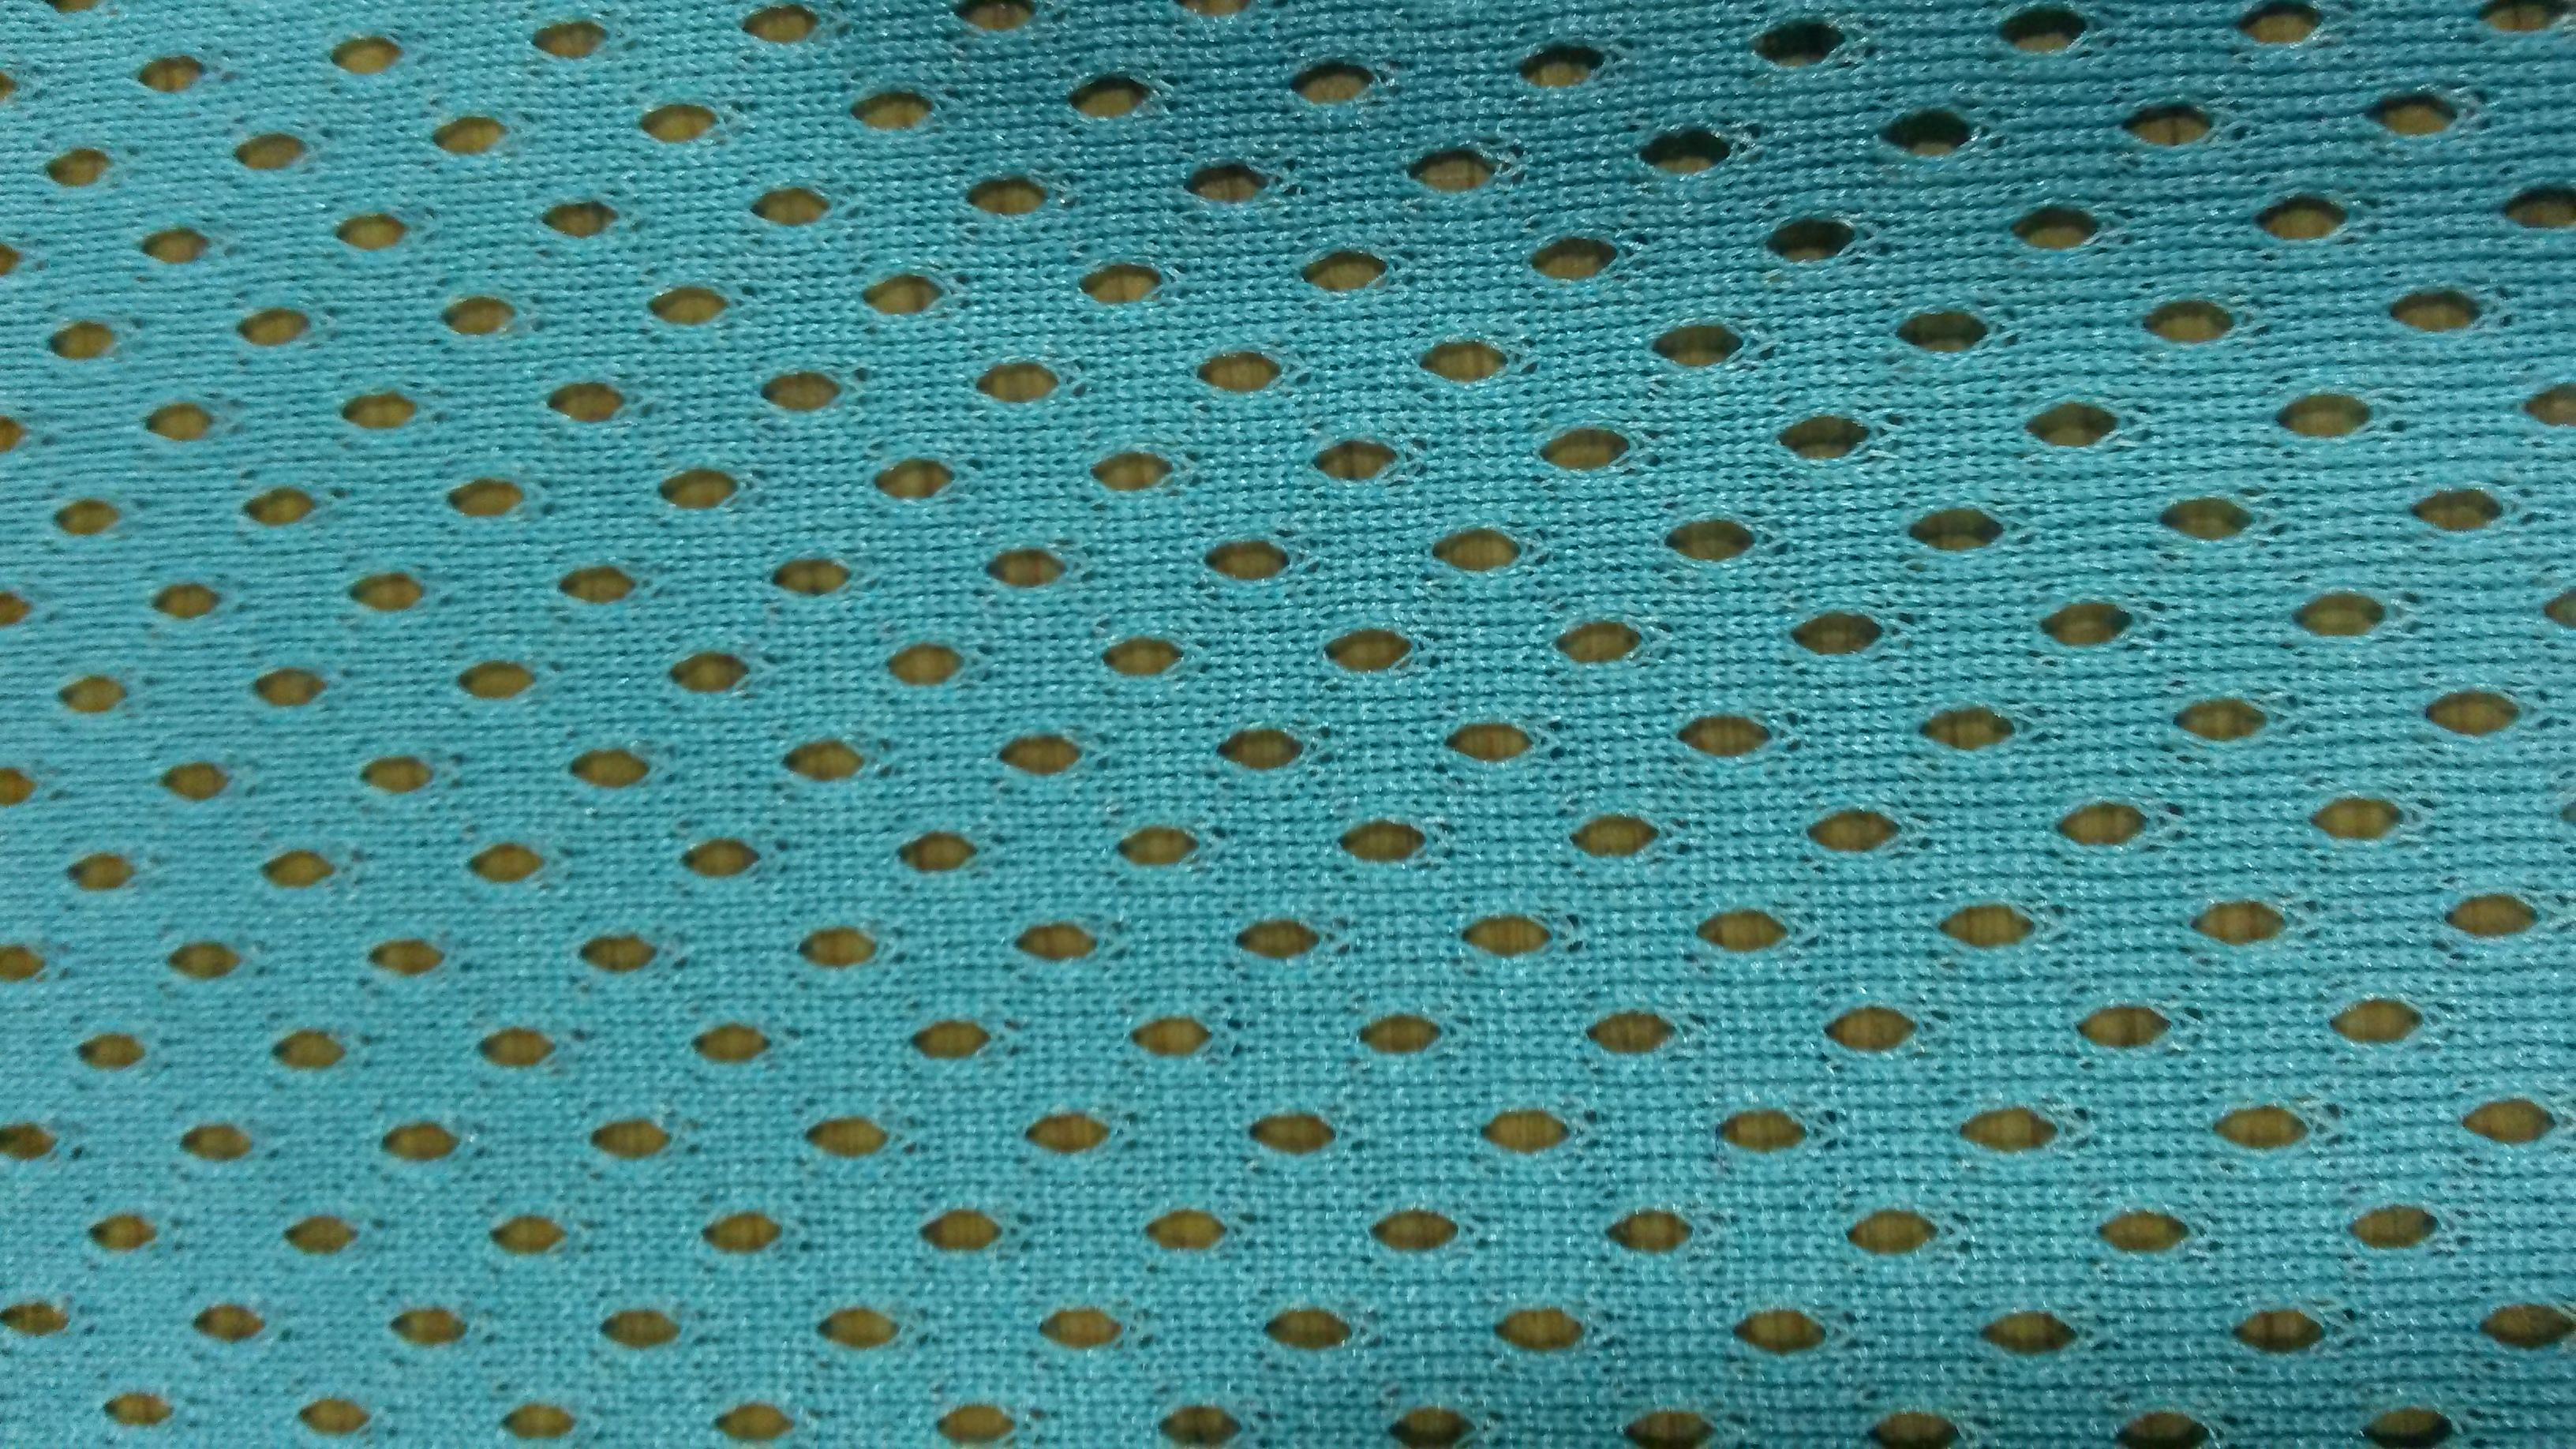 100% Polyester (KBT 6215) Airtech mesh